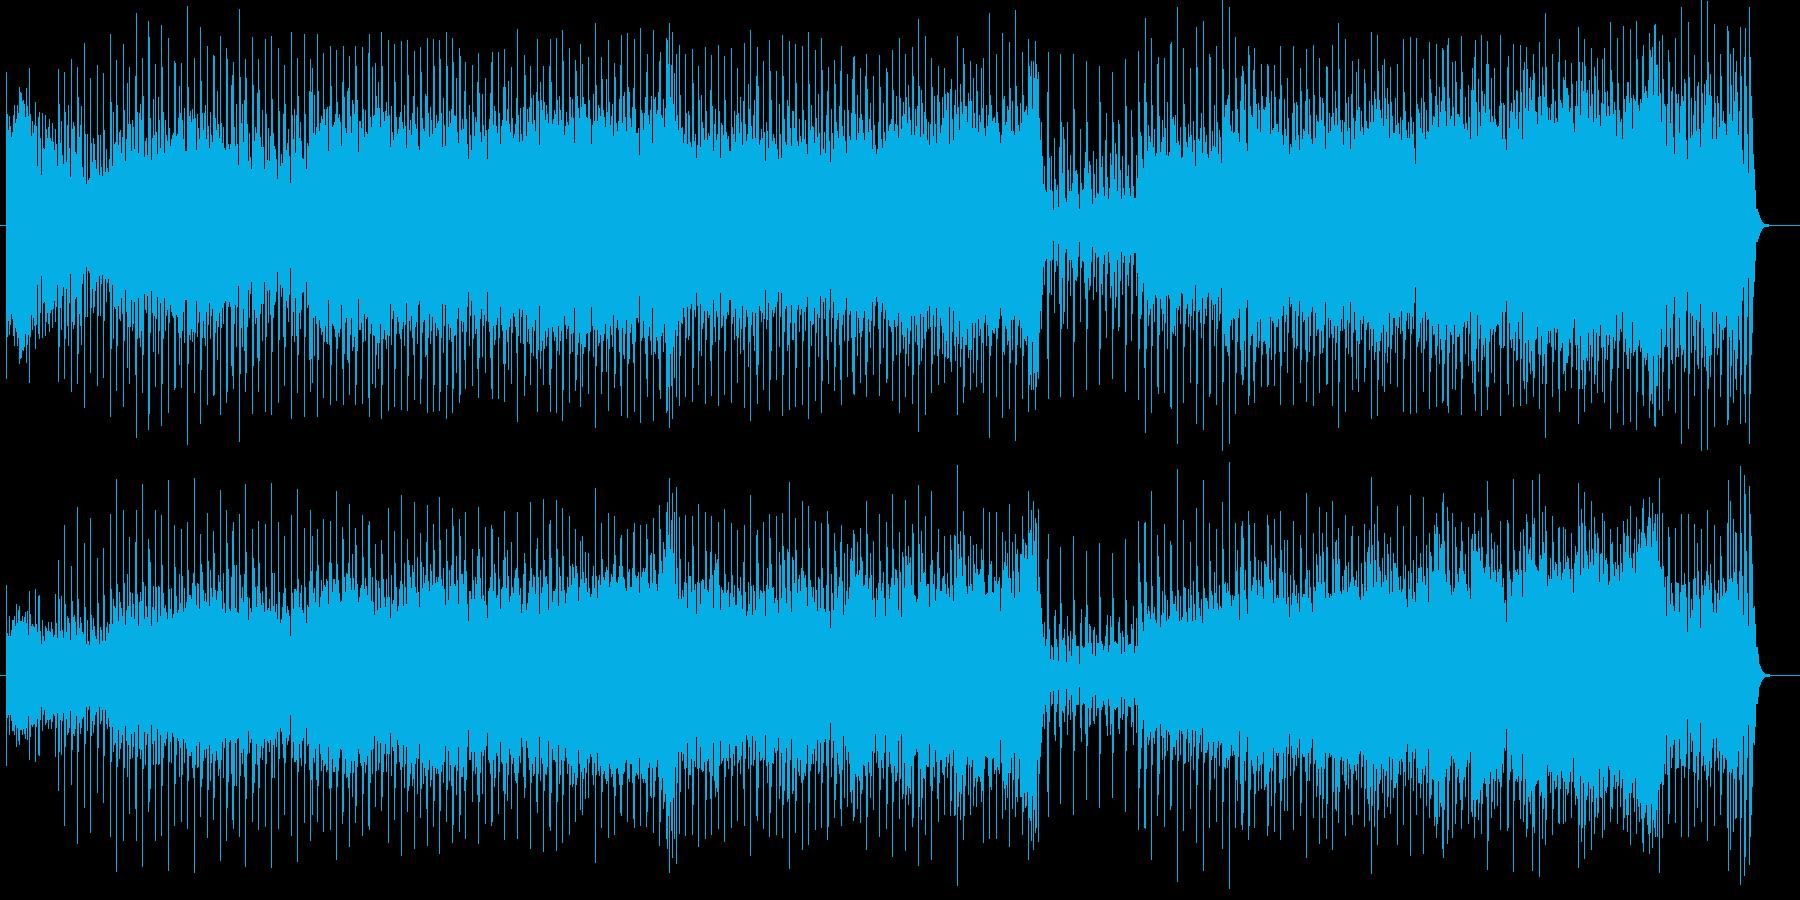 ダークで物悲しいミュージックの再生済みの波形